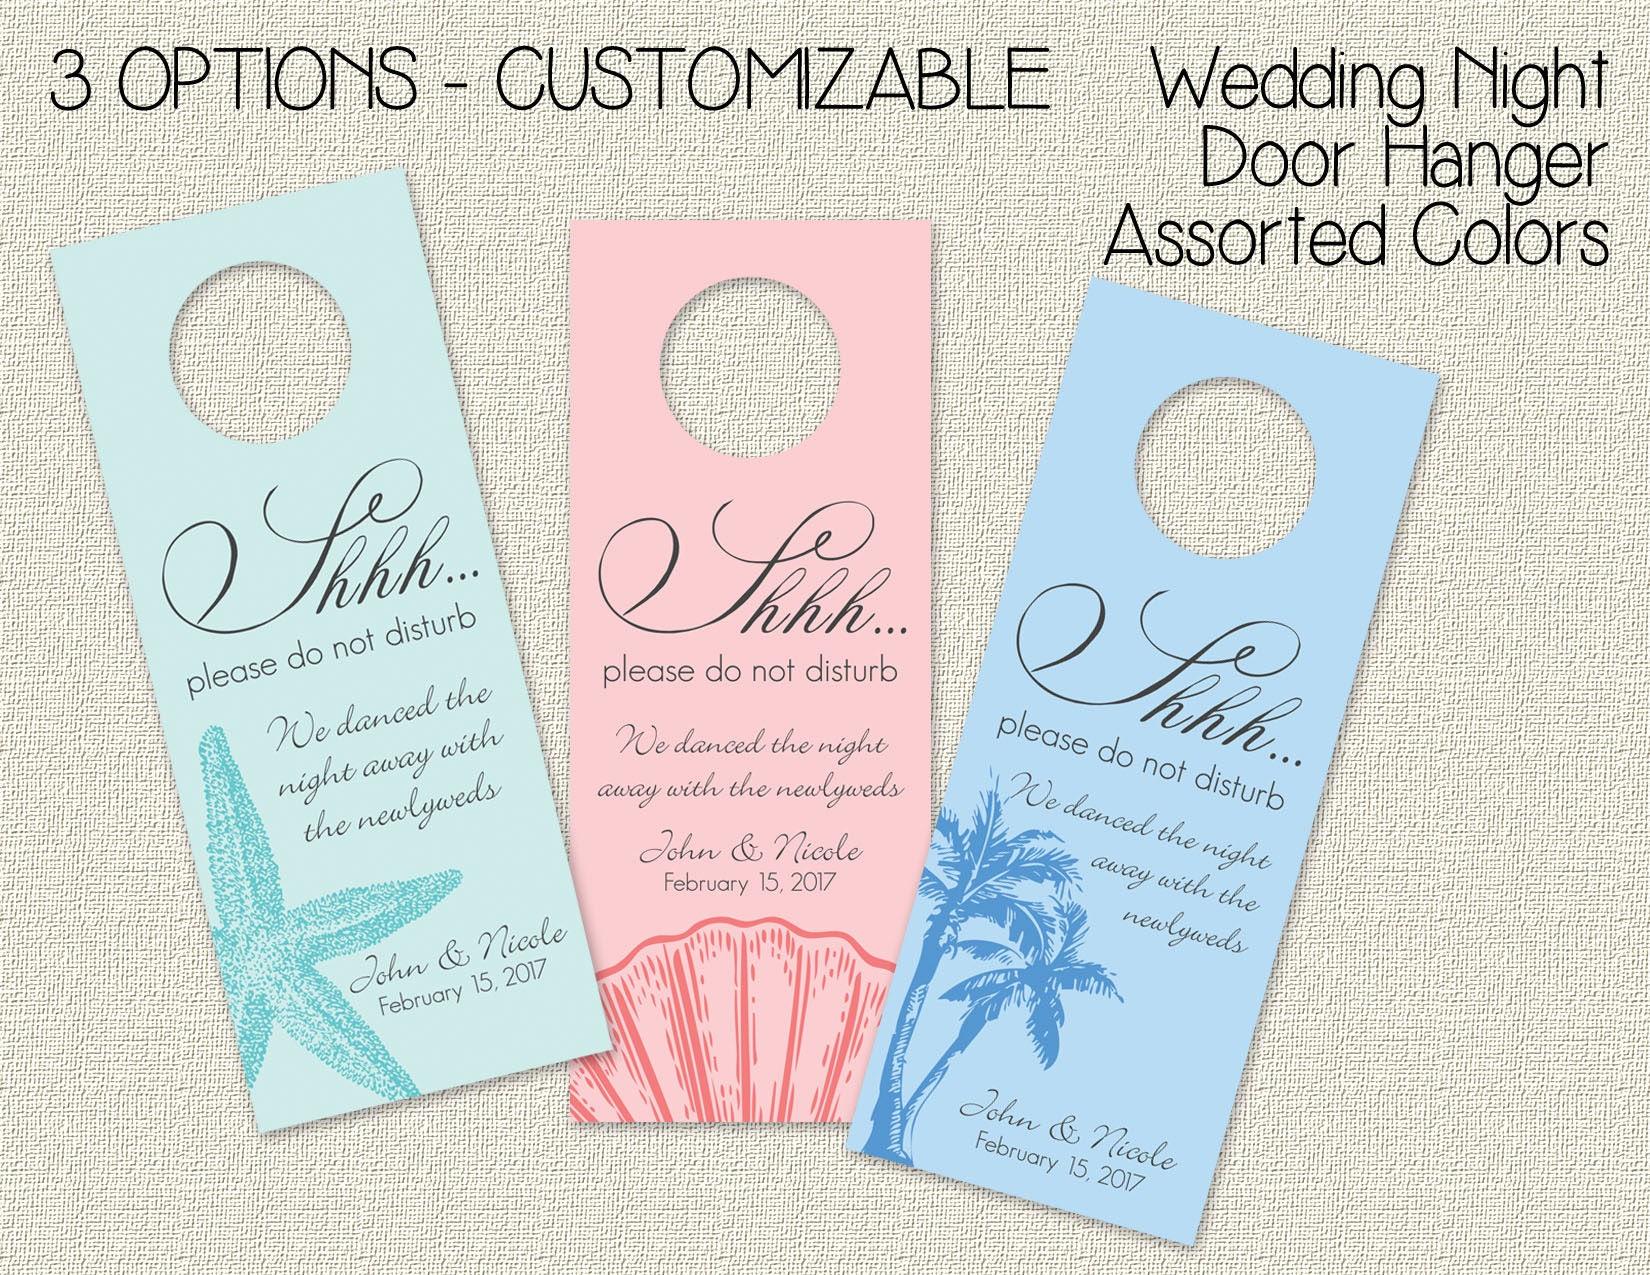 Beach Wedding Door Hangers Personalized Door Hanger Tags for